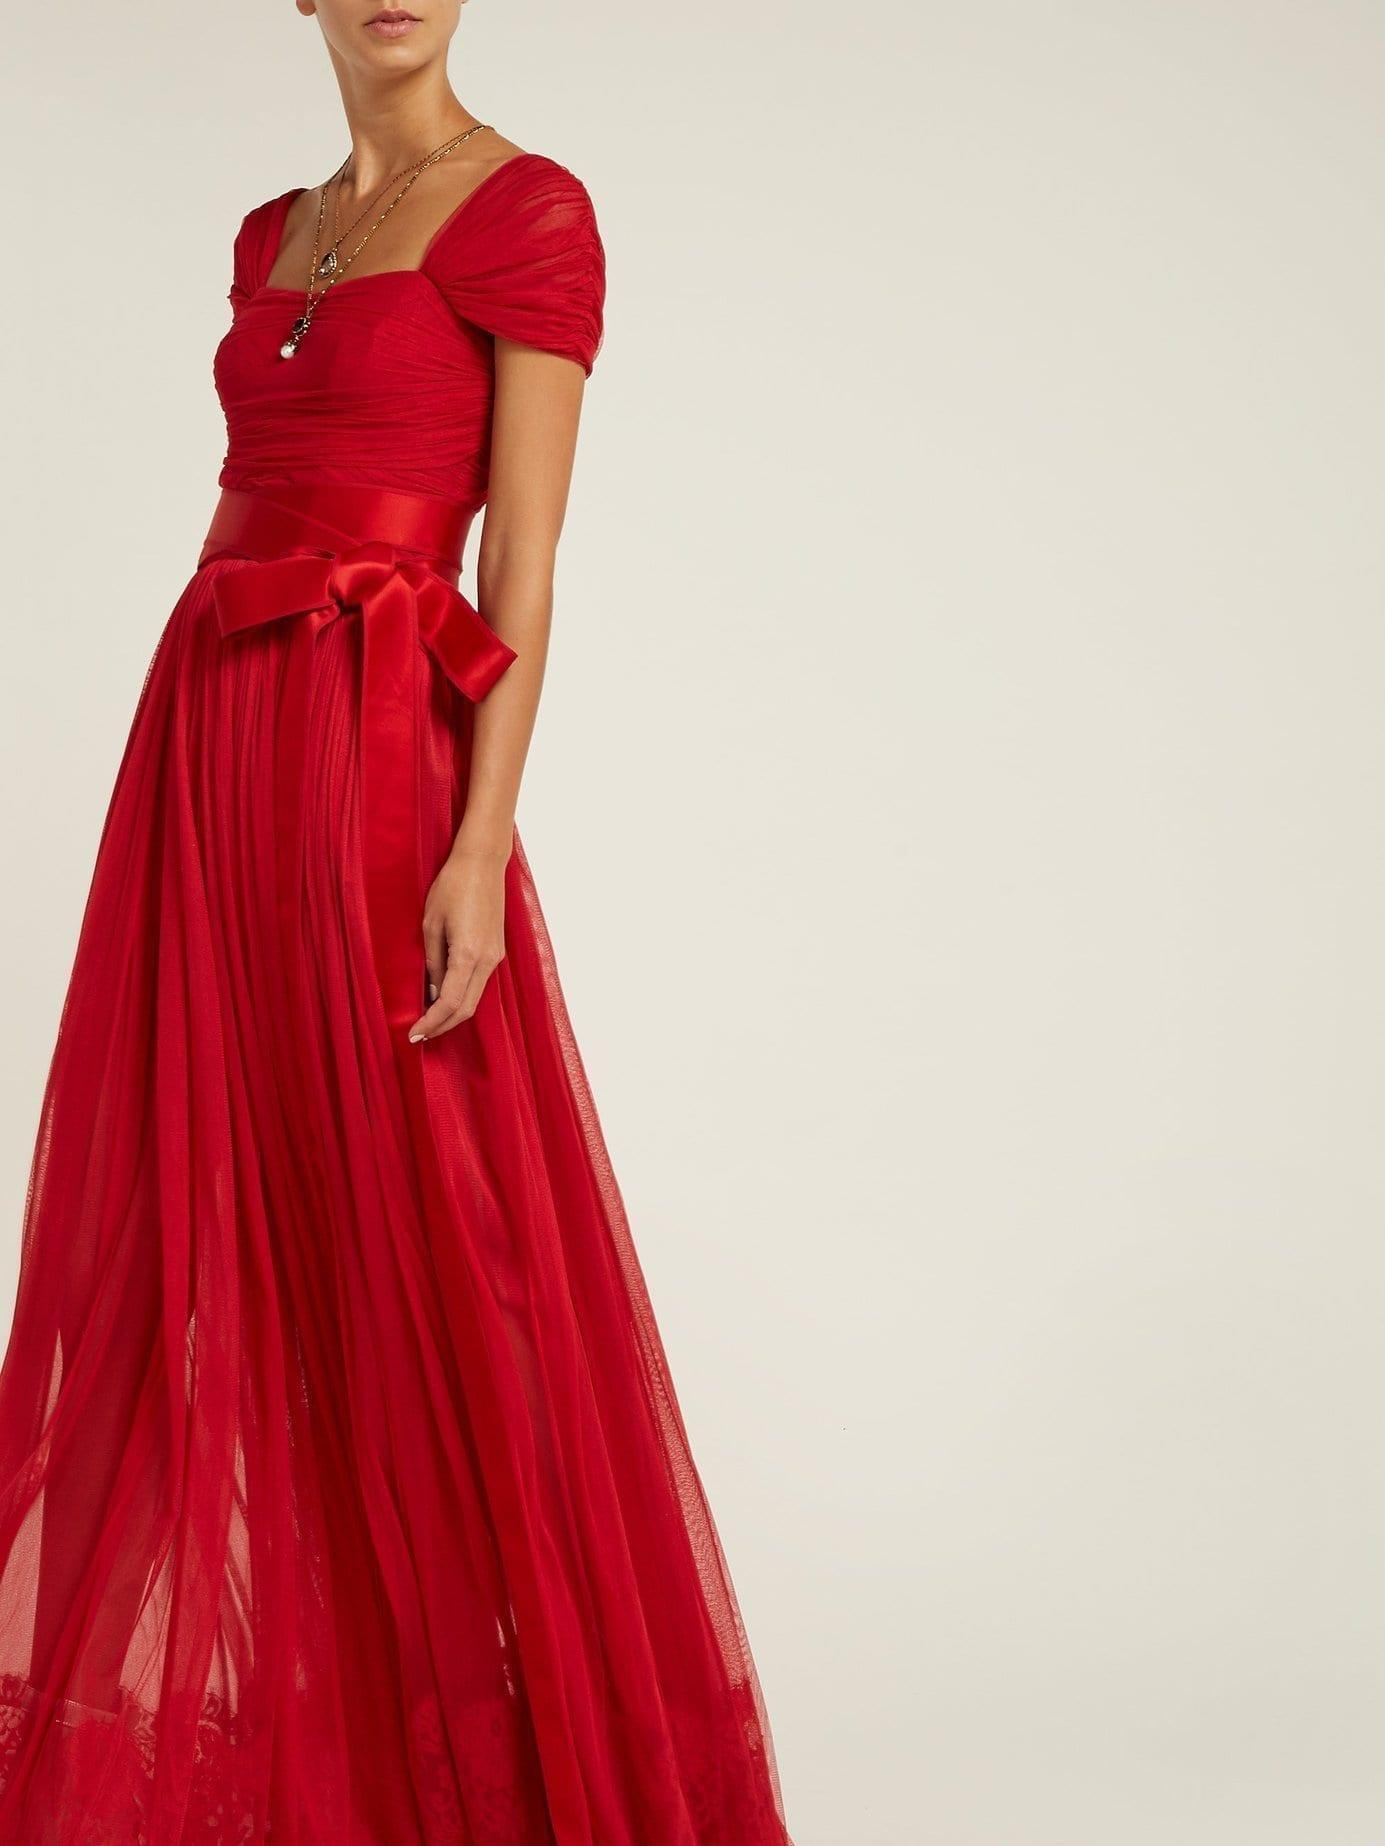 DOLCE & GABBANA Layered Silk Tulle Crimson